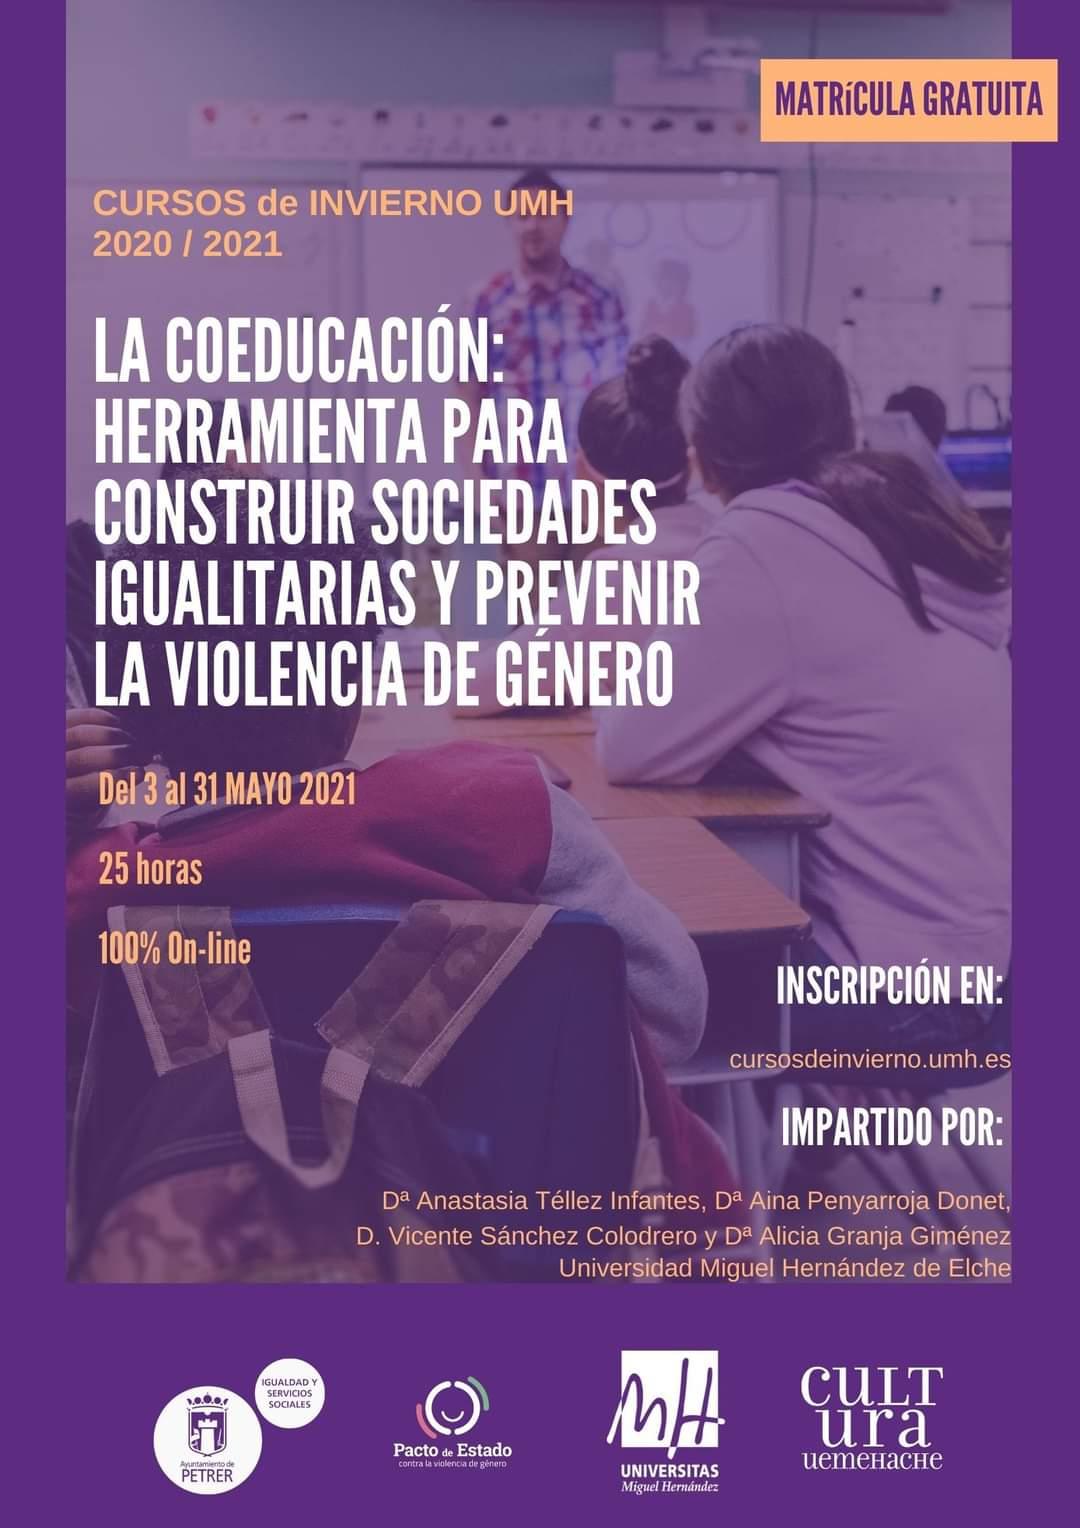 Curso Coeducación: herramienta para construir sociedades igualitarias y prevenir violencia de género